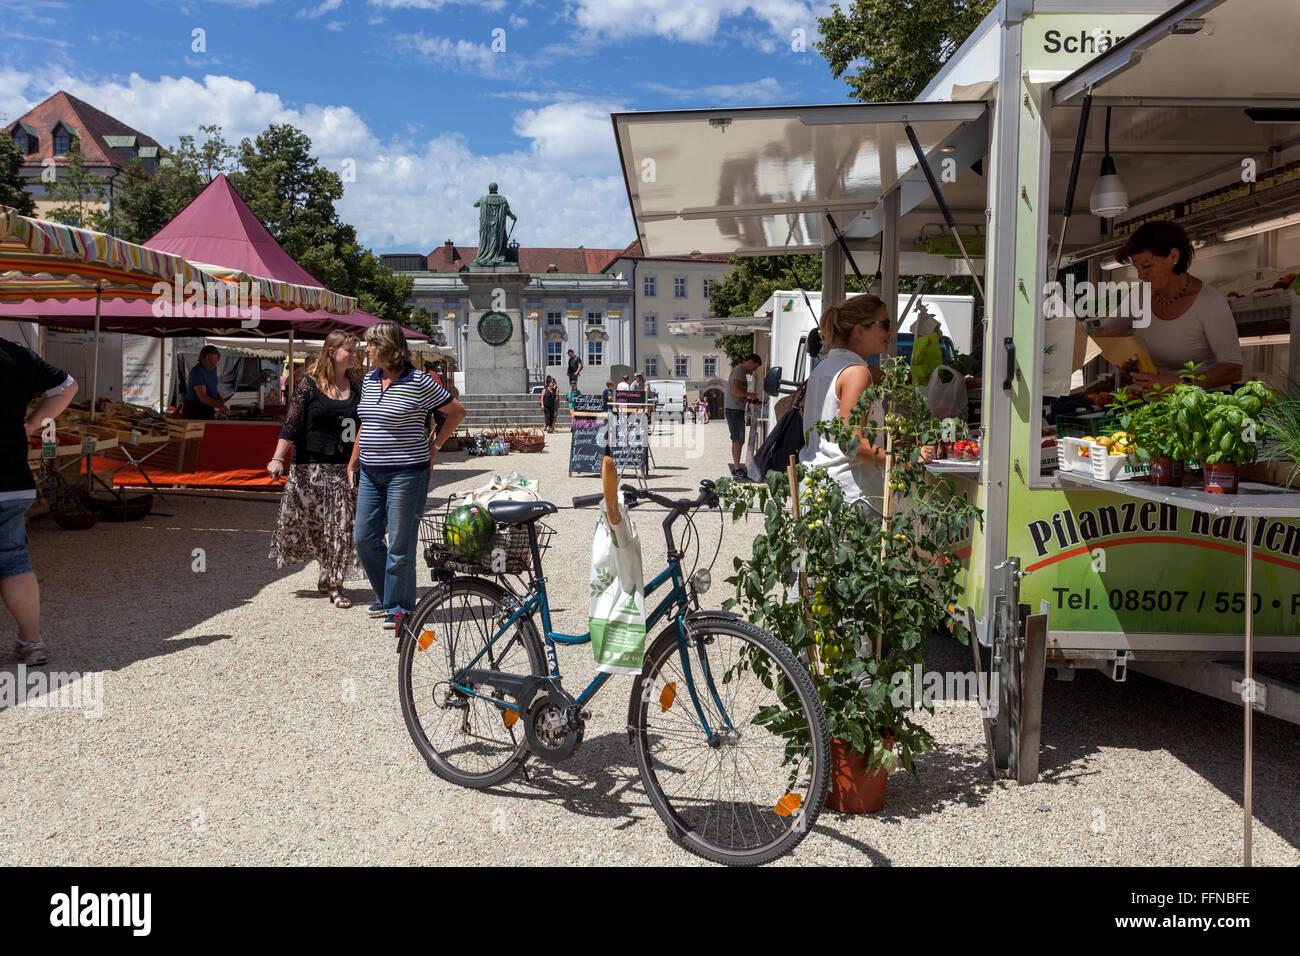 Markt am Domplatz, Passau, Niederbayern, Deutschland Stockbild